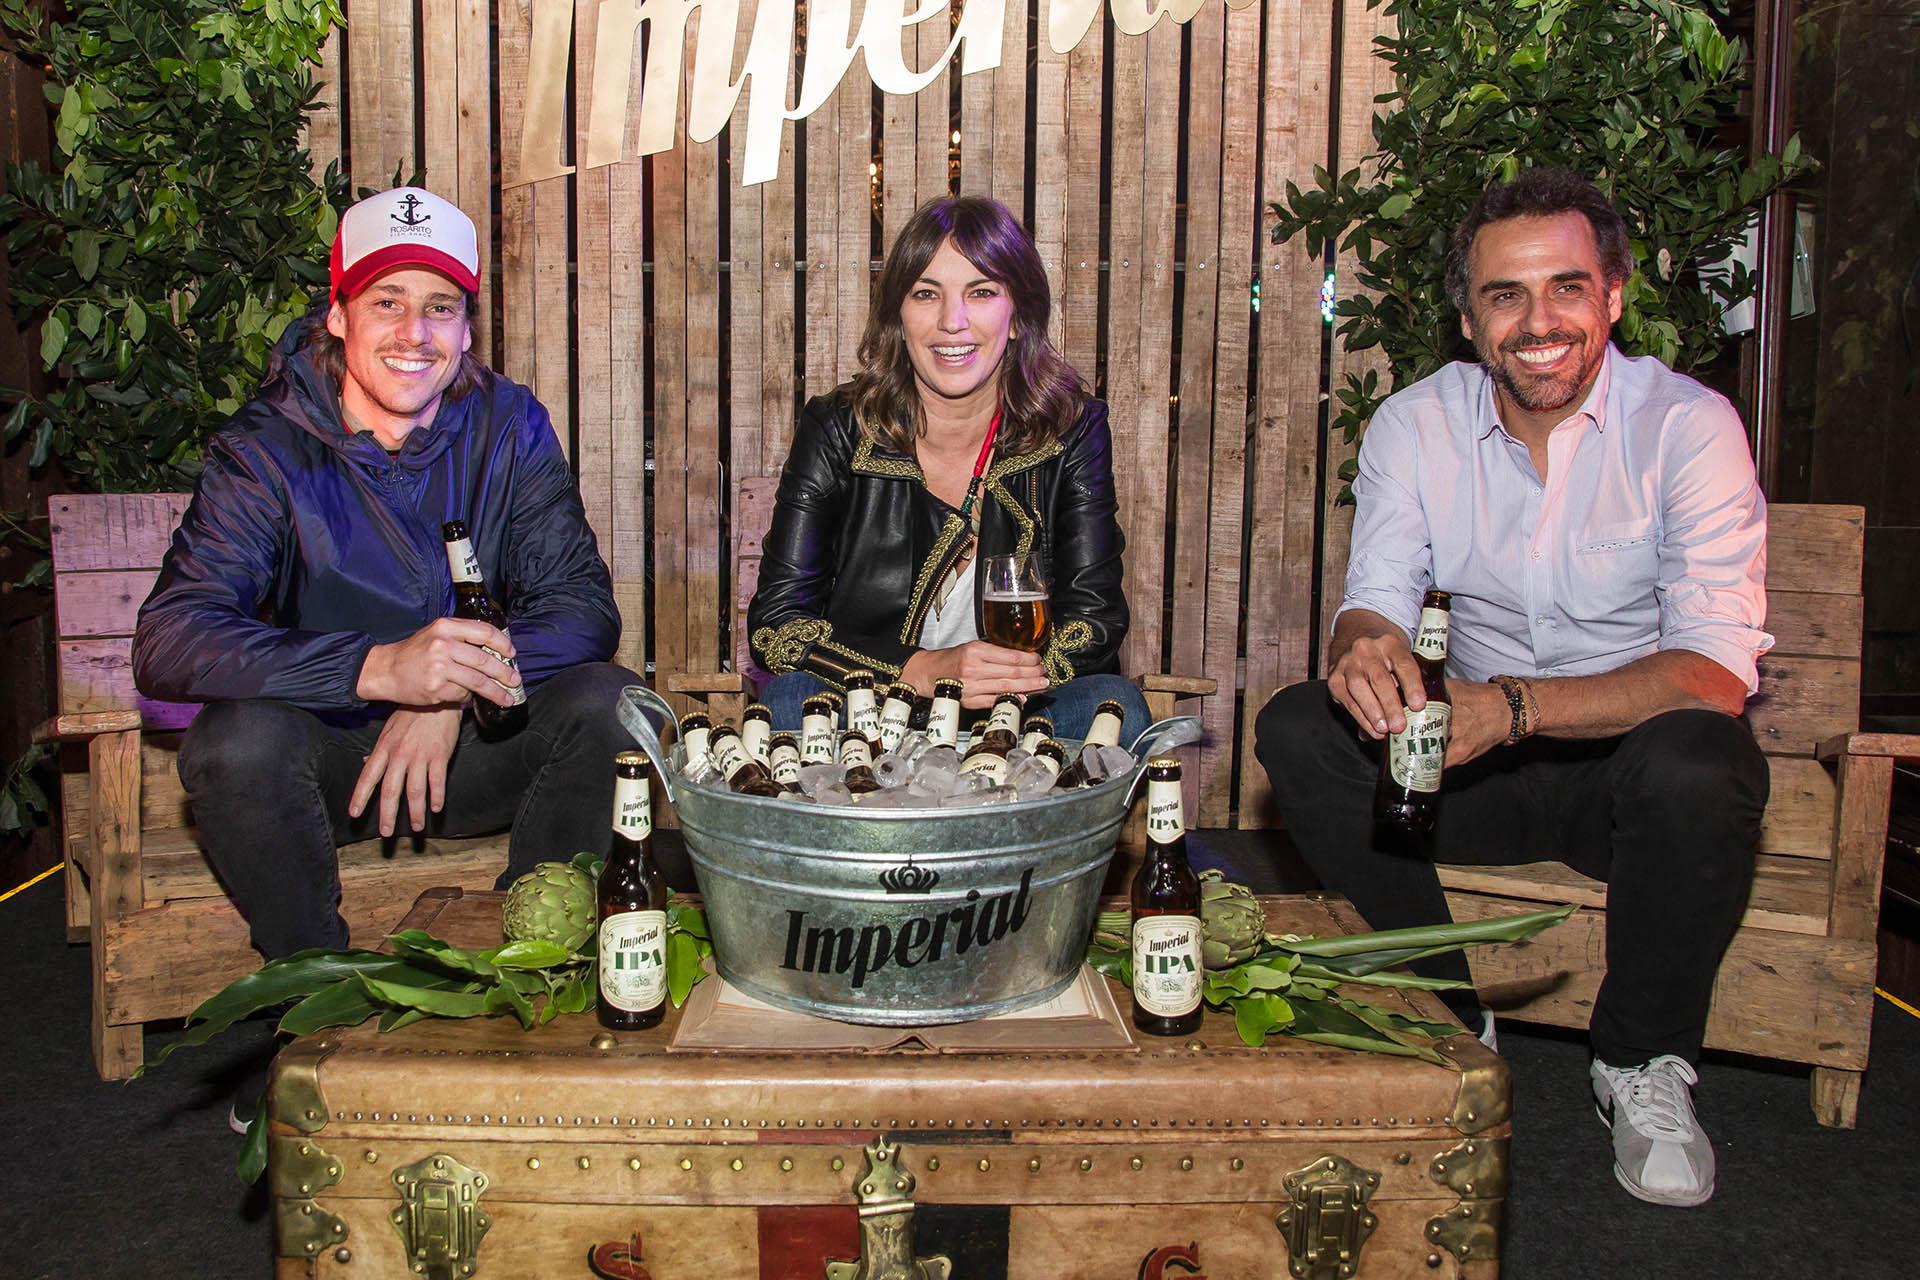 """Gastón """"el Gato"""" Gaudio, MarianoZabaleta y Deborah del Corral disfrutando de sus IPAS."""